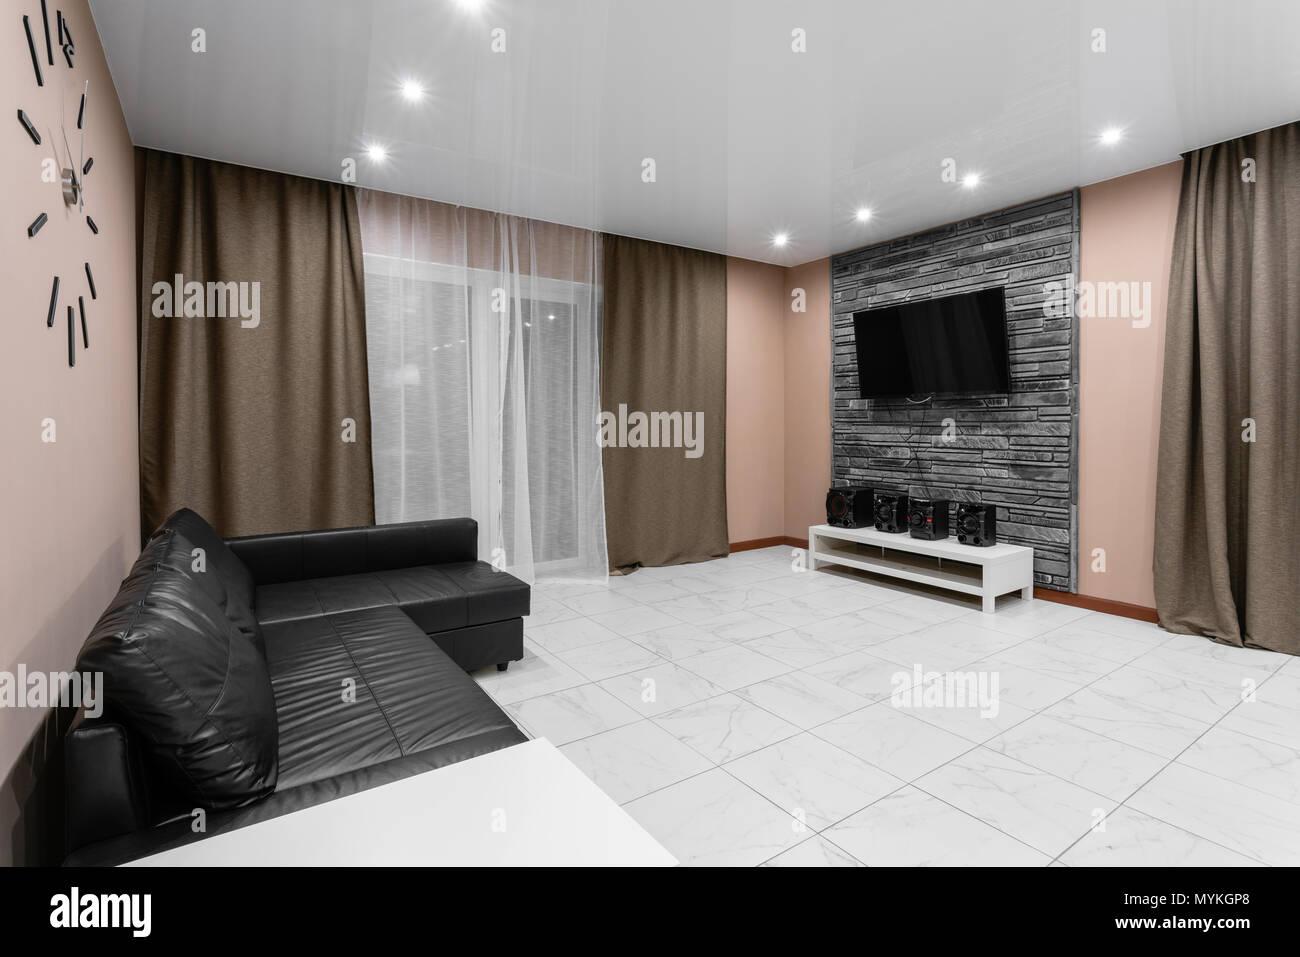 Moderner Minimalismus Style Salon Interieur. Einfache Und Kostengünstige  Wohnzimmer Mit Küche. Innenbeleuchtung Abend